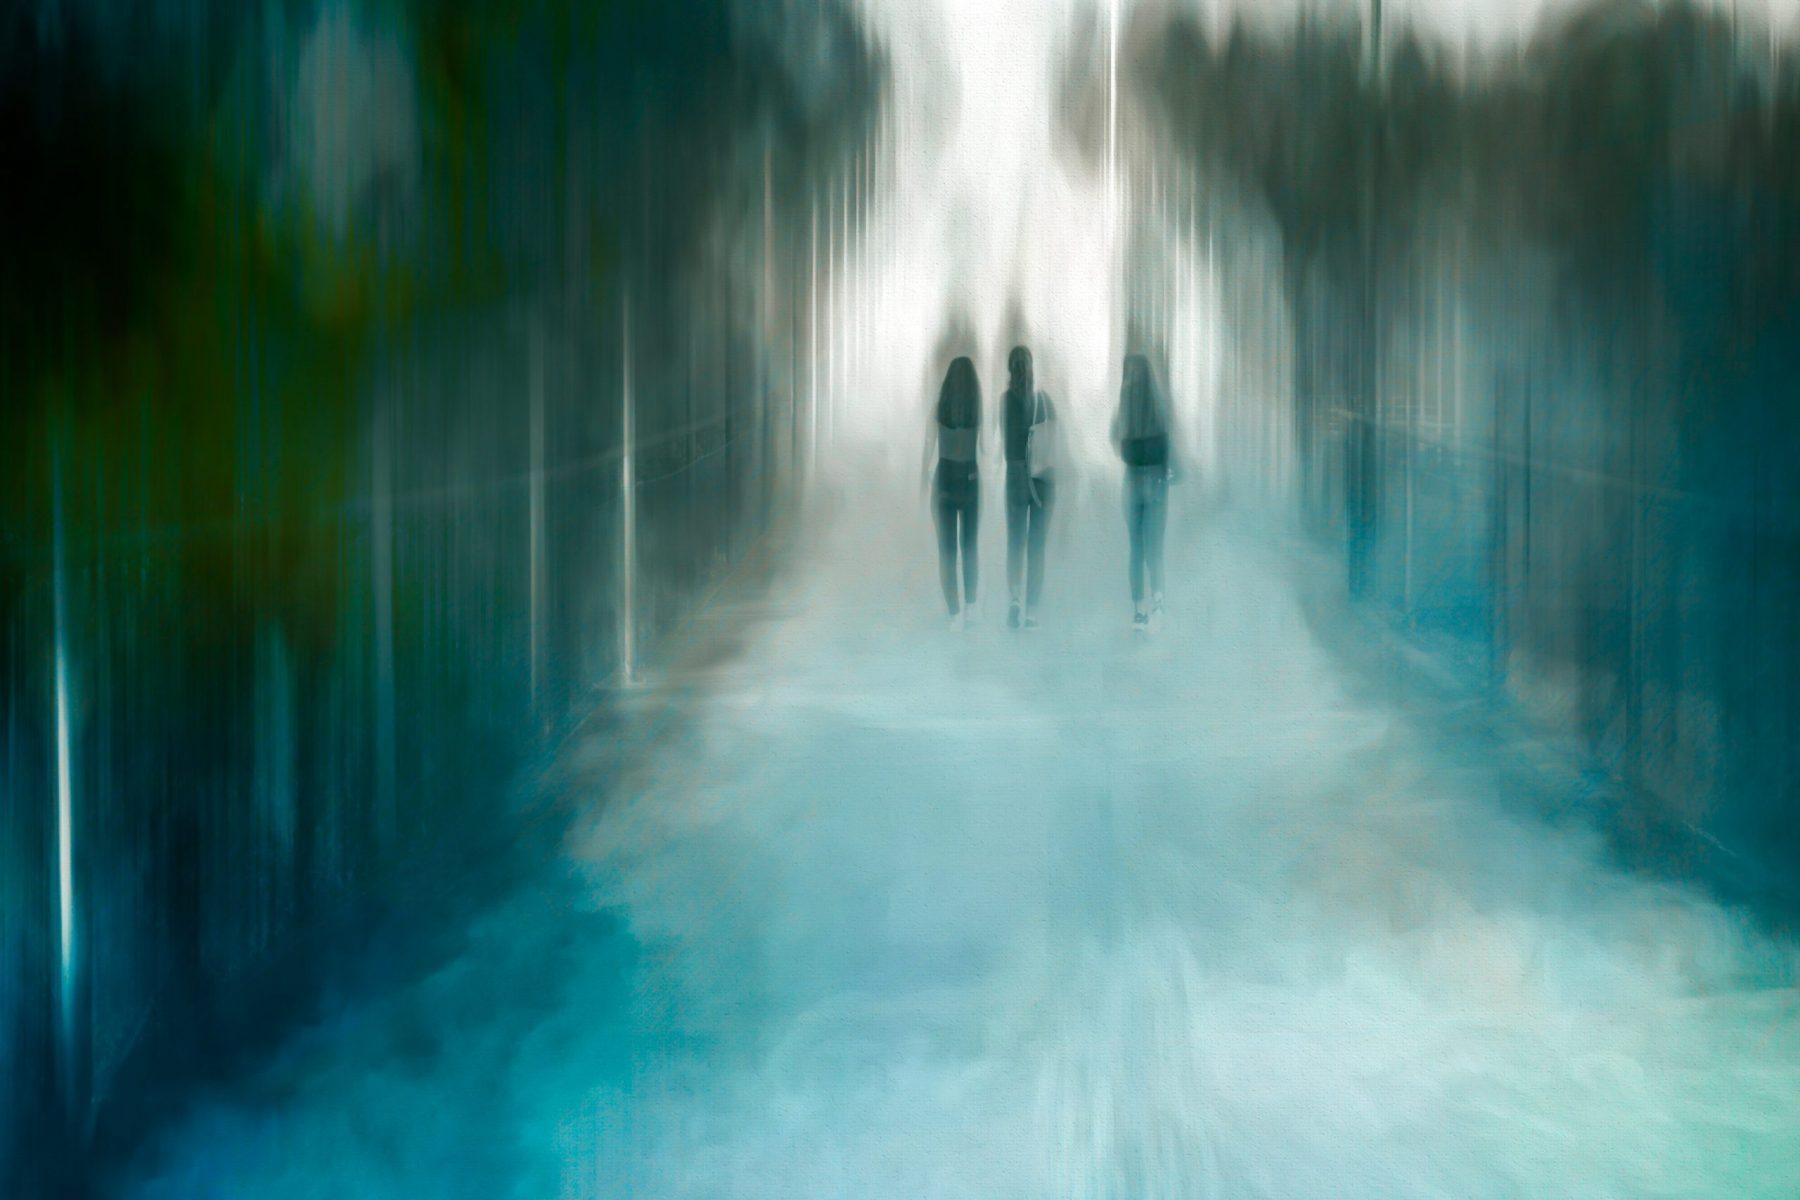 Weg-in-eine-ungewisse-Zukunft-scaled